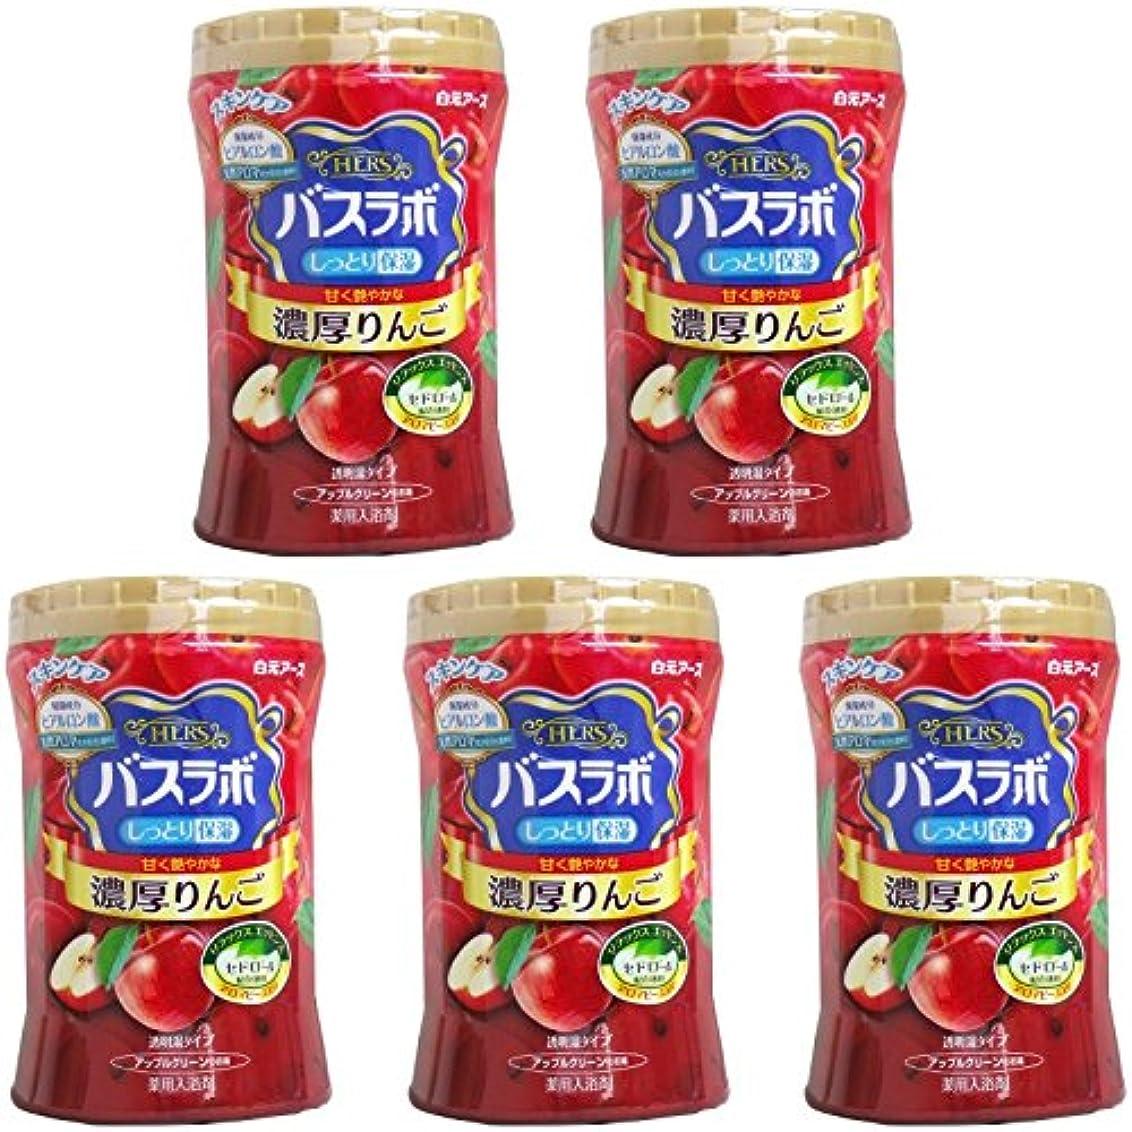 【まとめ買い】バスラボボトル濃厚りんごの香り【×5個】